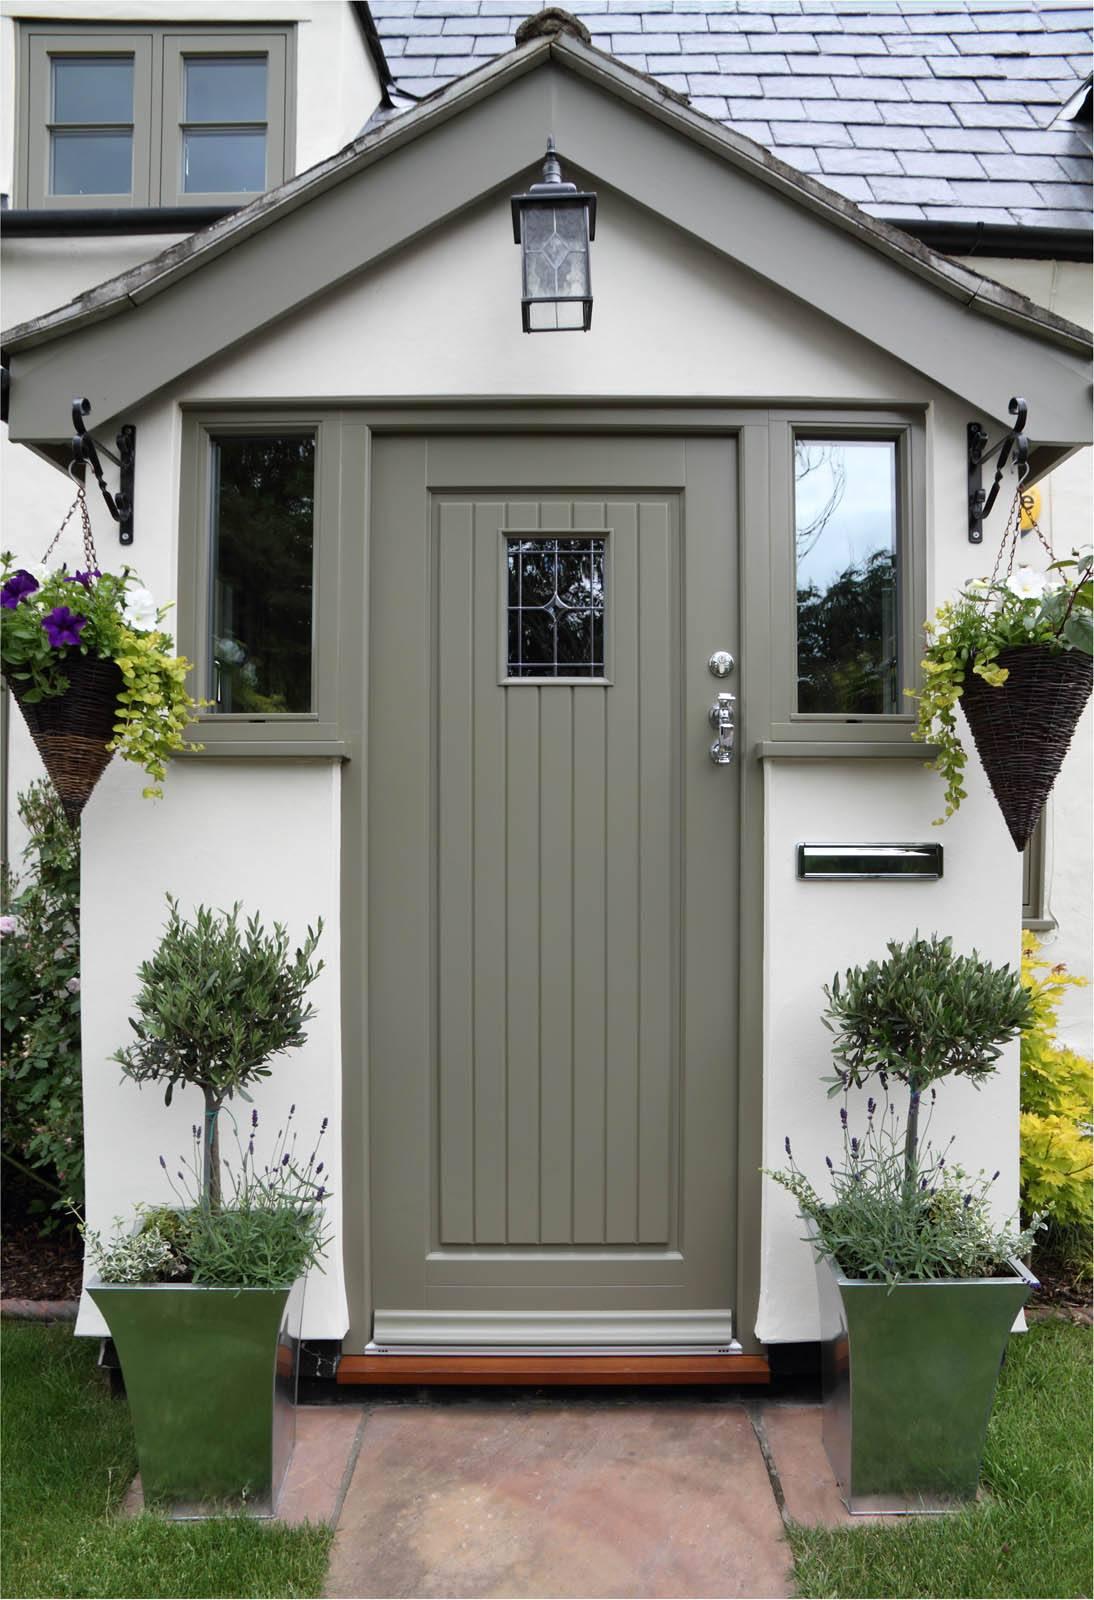 Case Study Essex Flush Casements Timber Front Door